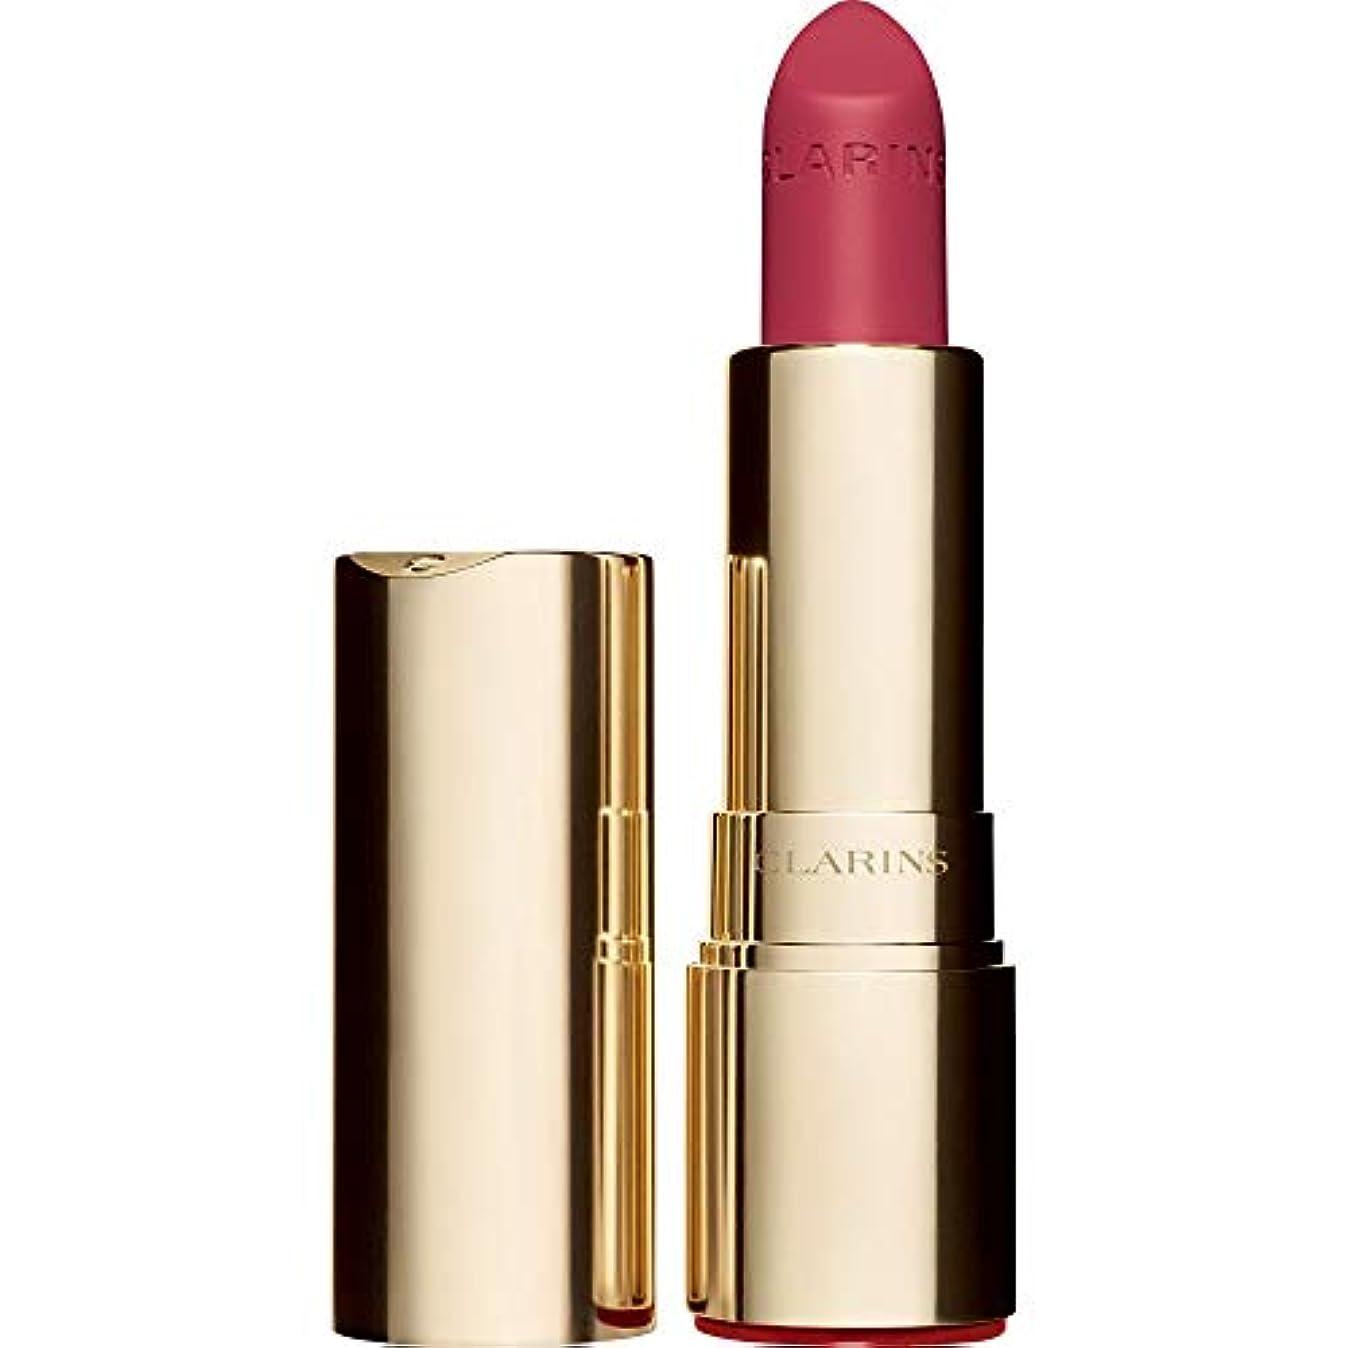 誕生理論リットル[Clarins ] クラランスジョリルージュのベルベットの口紅3.5グラムの756V - グアバ - Clarins Joli Rouge Velvet Lipstick 3.5g 756V - Guava [並行輸入品]